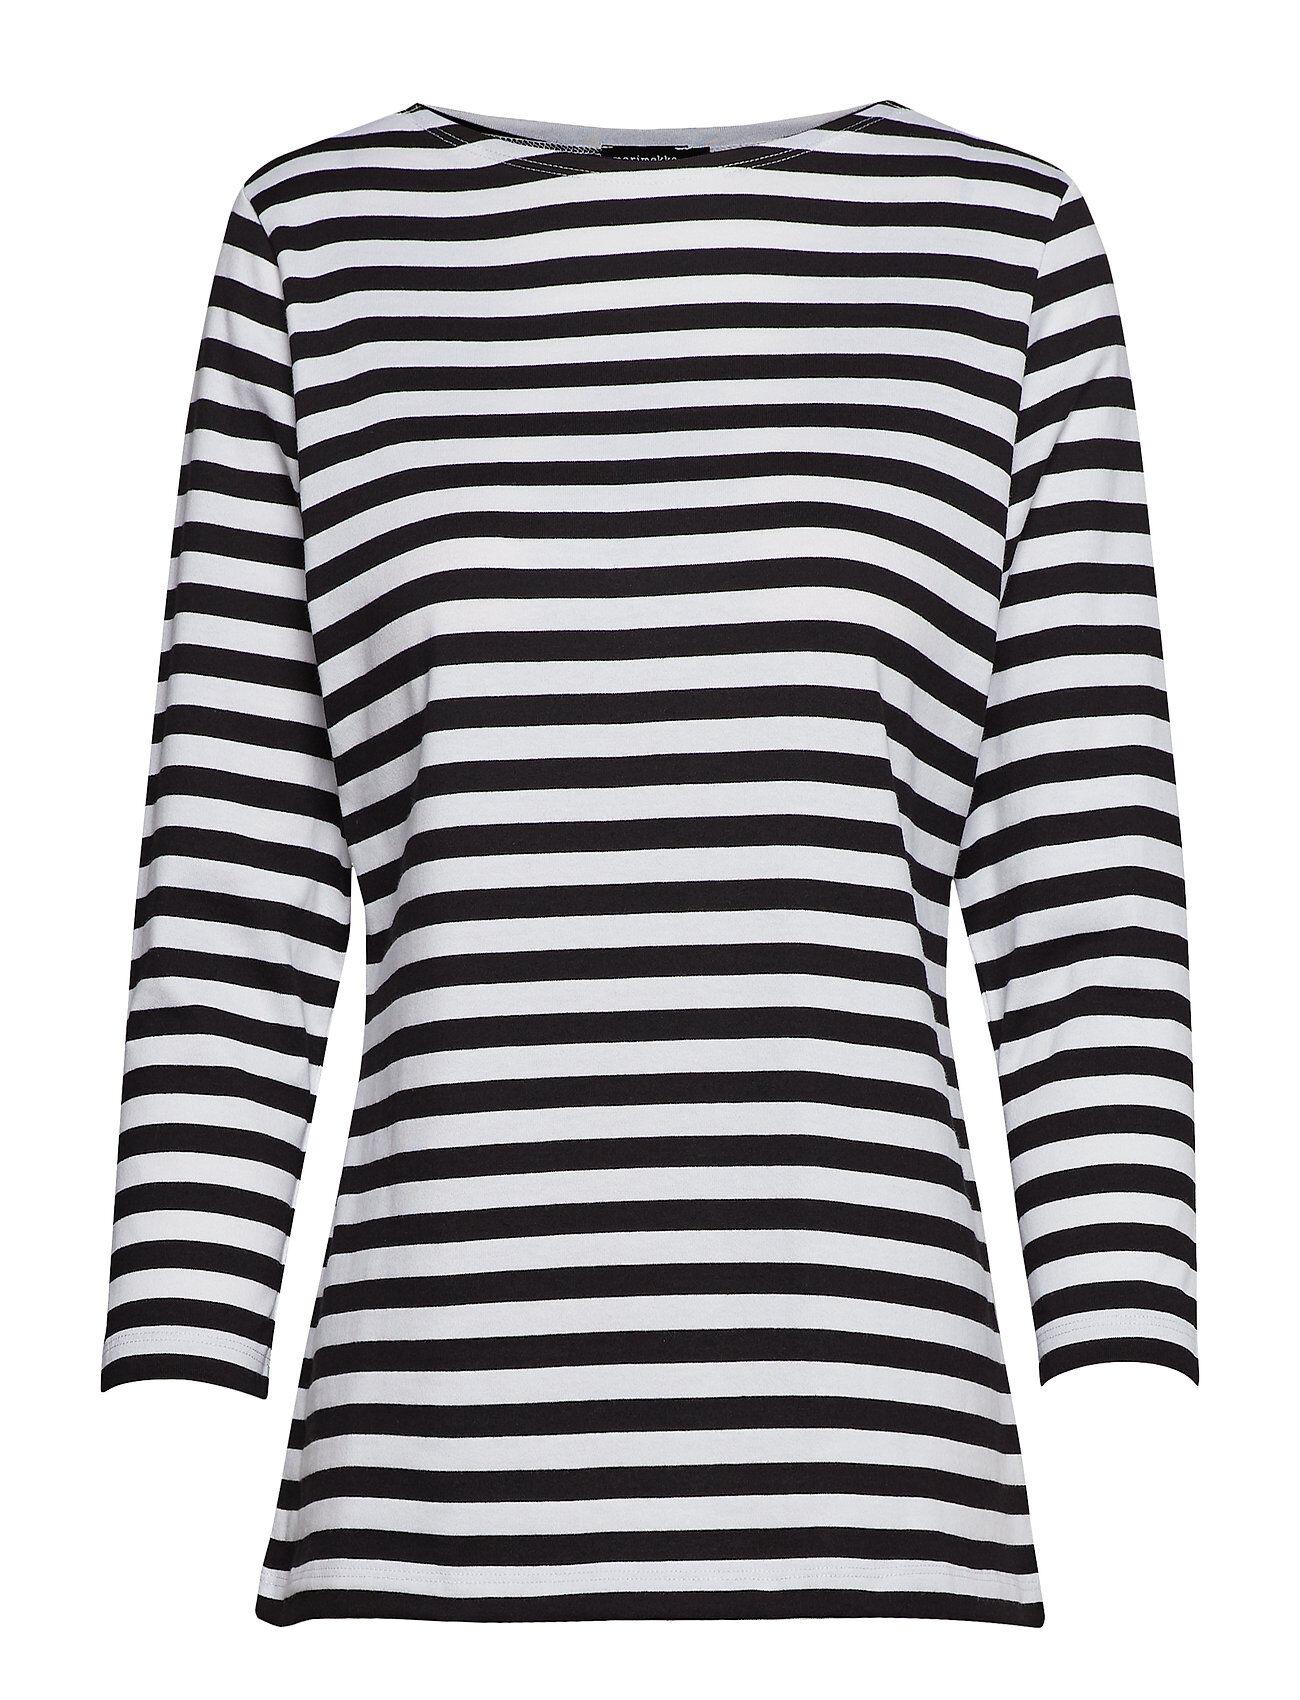 Marimekko Ilma Shirt T-shirts & Tops Long-sleeved Monivärinen/Kuvioitu Marimekko